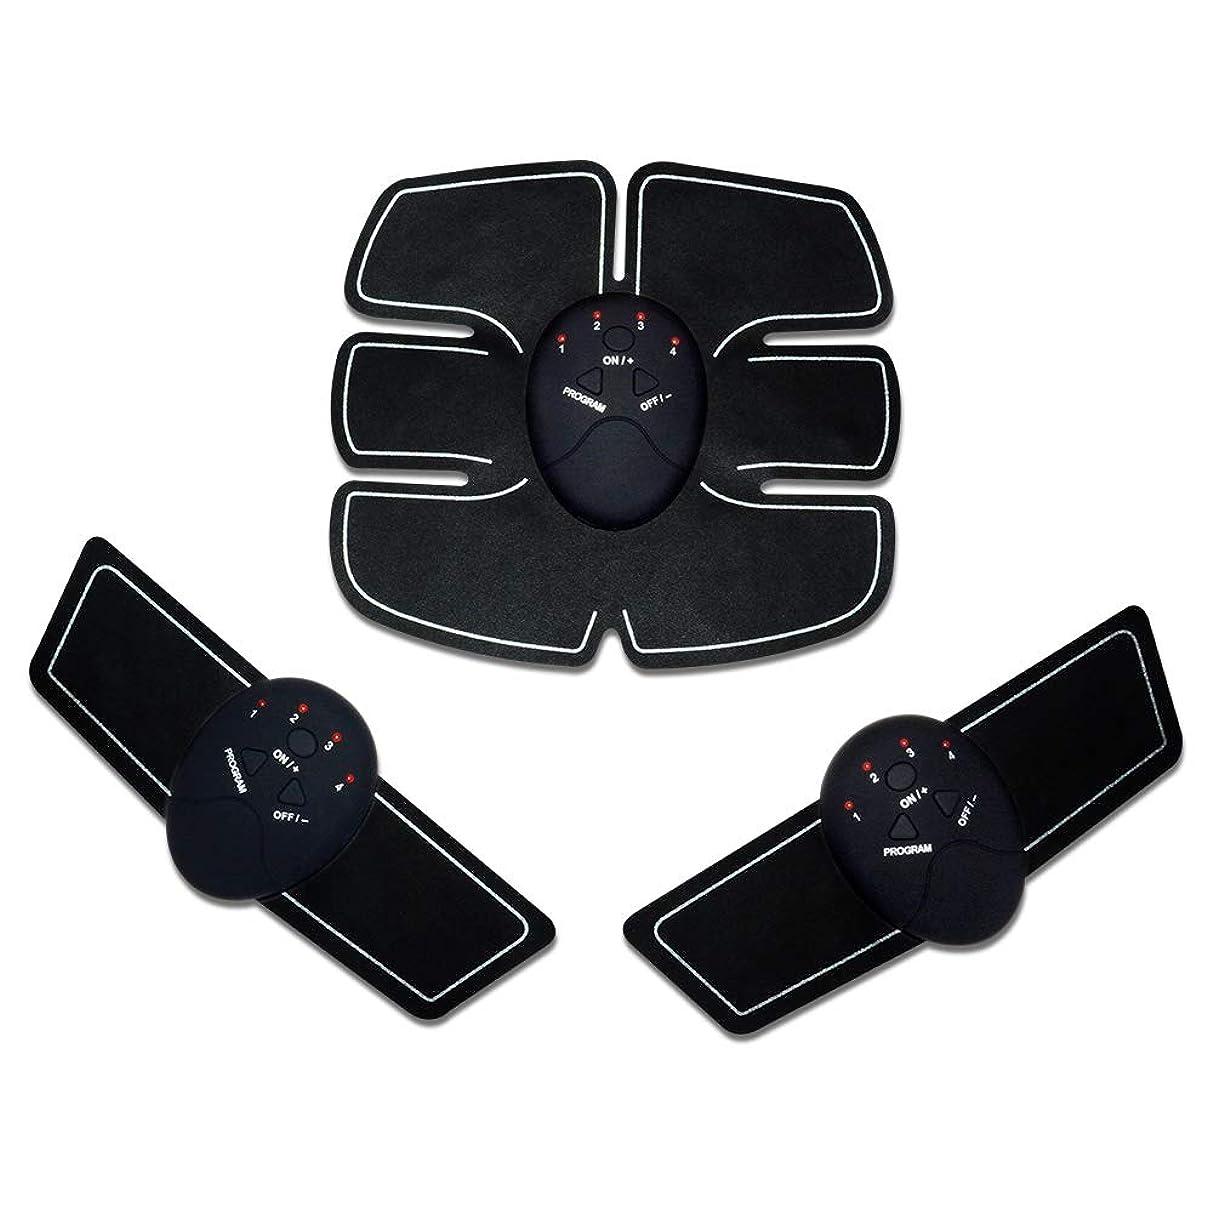 インチ良さ関連するワイヤレス電動マッサージャースマートEMSワイヤレス電動マッサージャー電気治療背部パッド電気治療背中の痛みを軽減